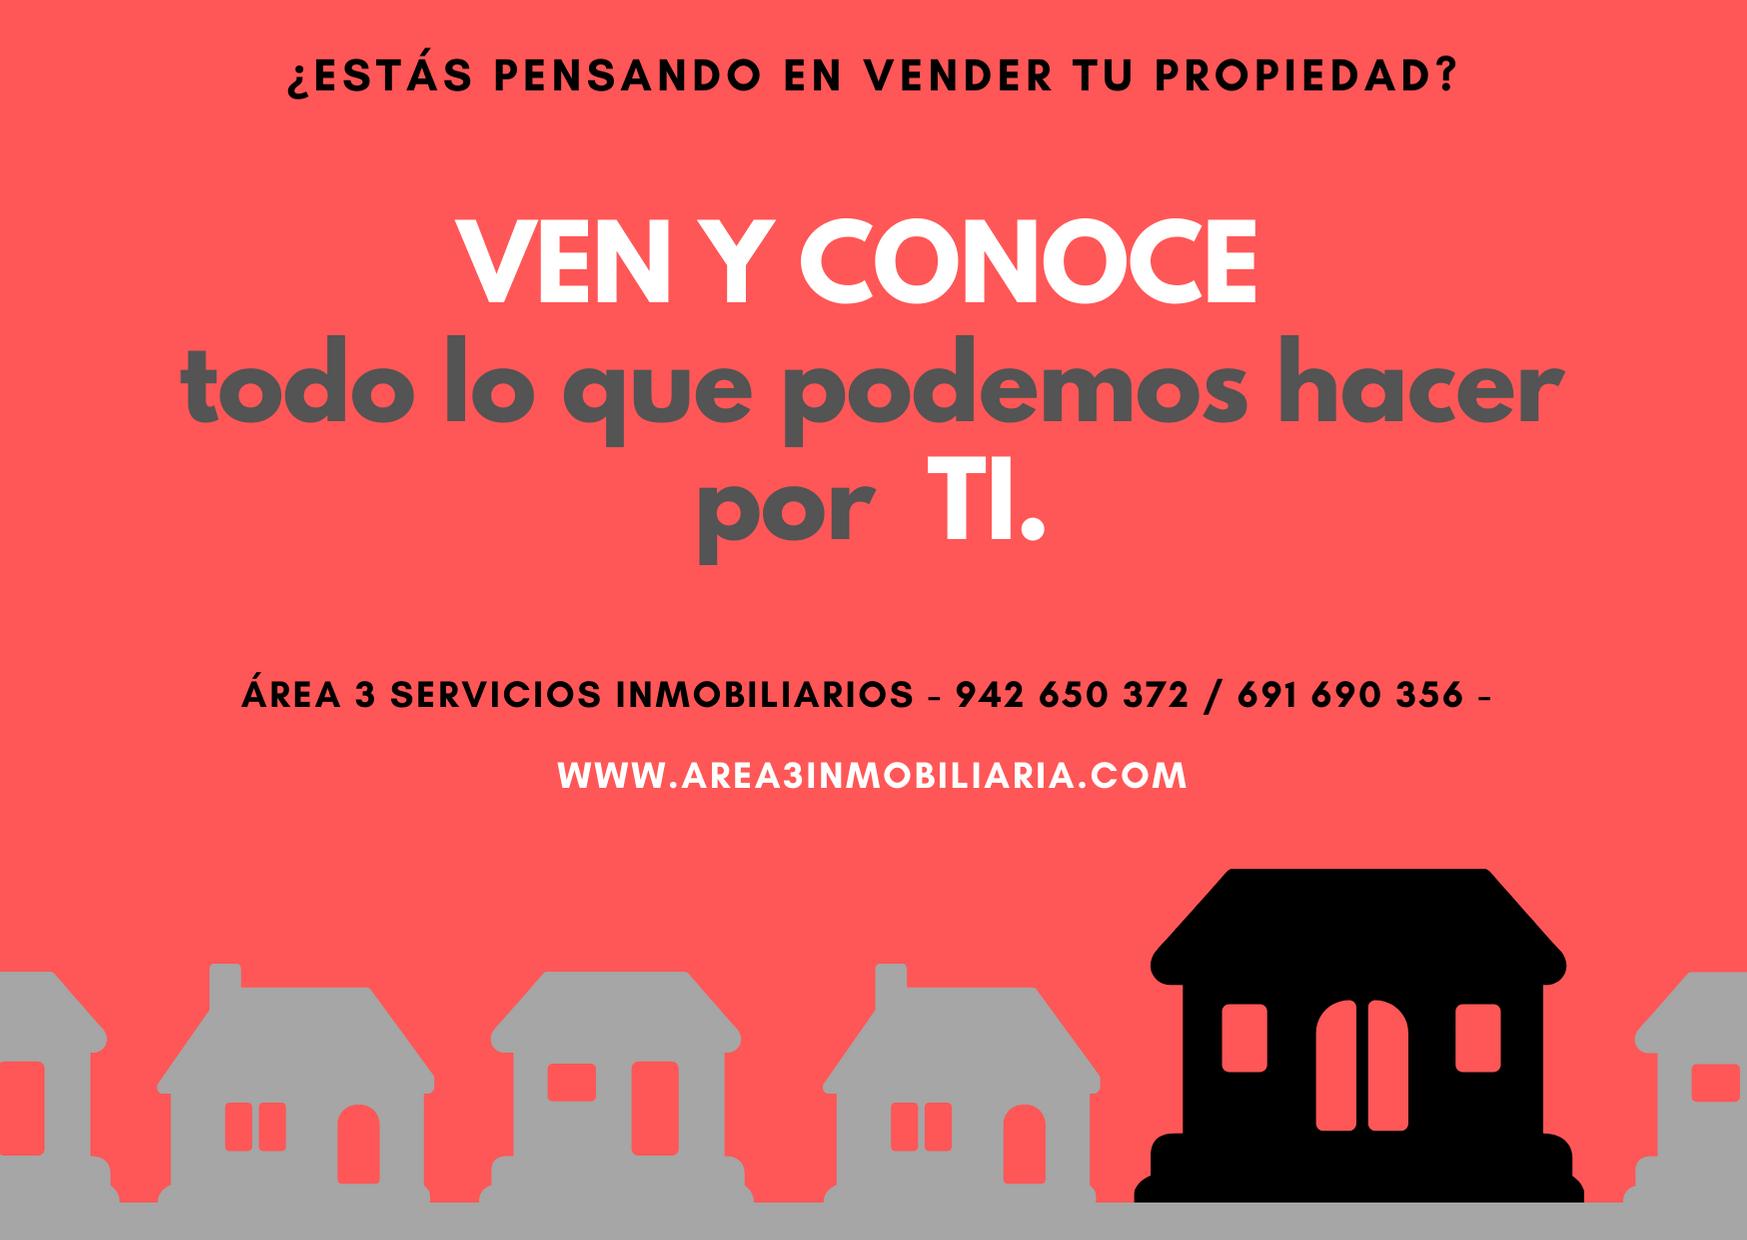 Comprar vivienda en Colindres, Santander